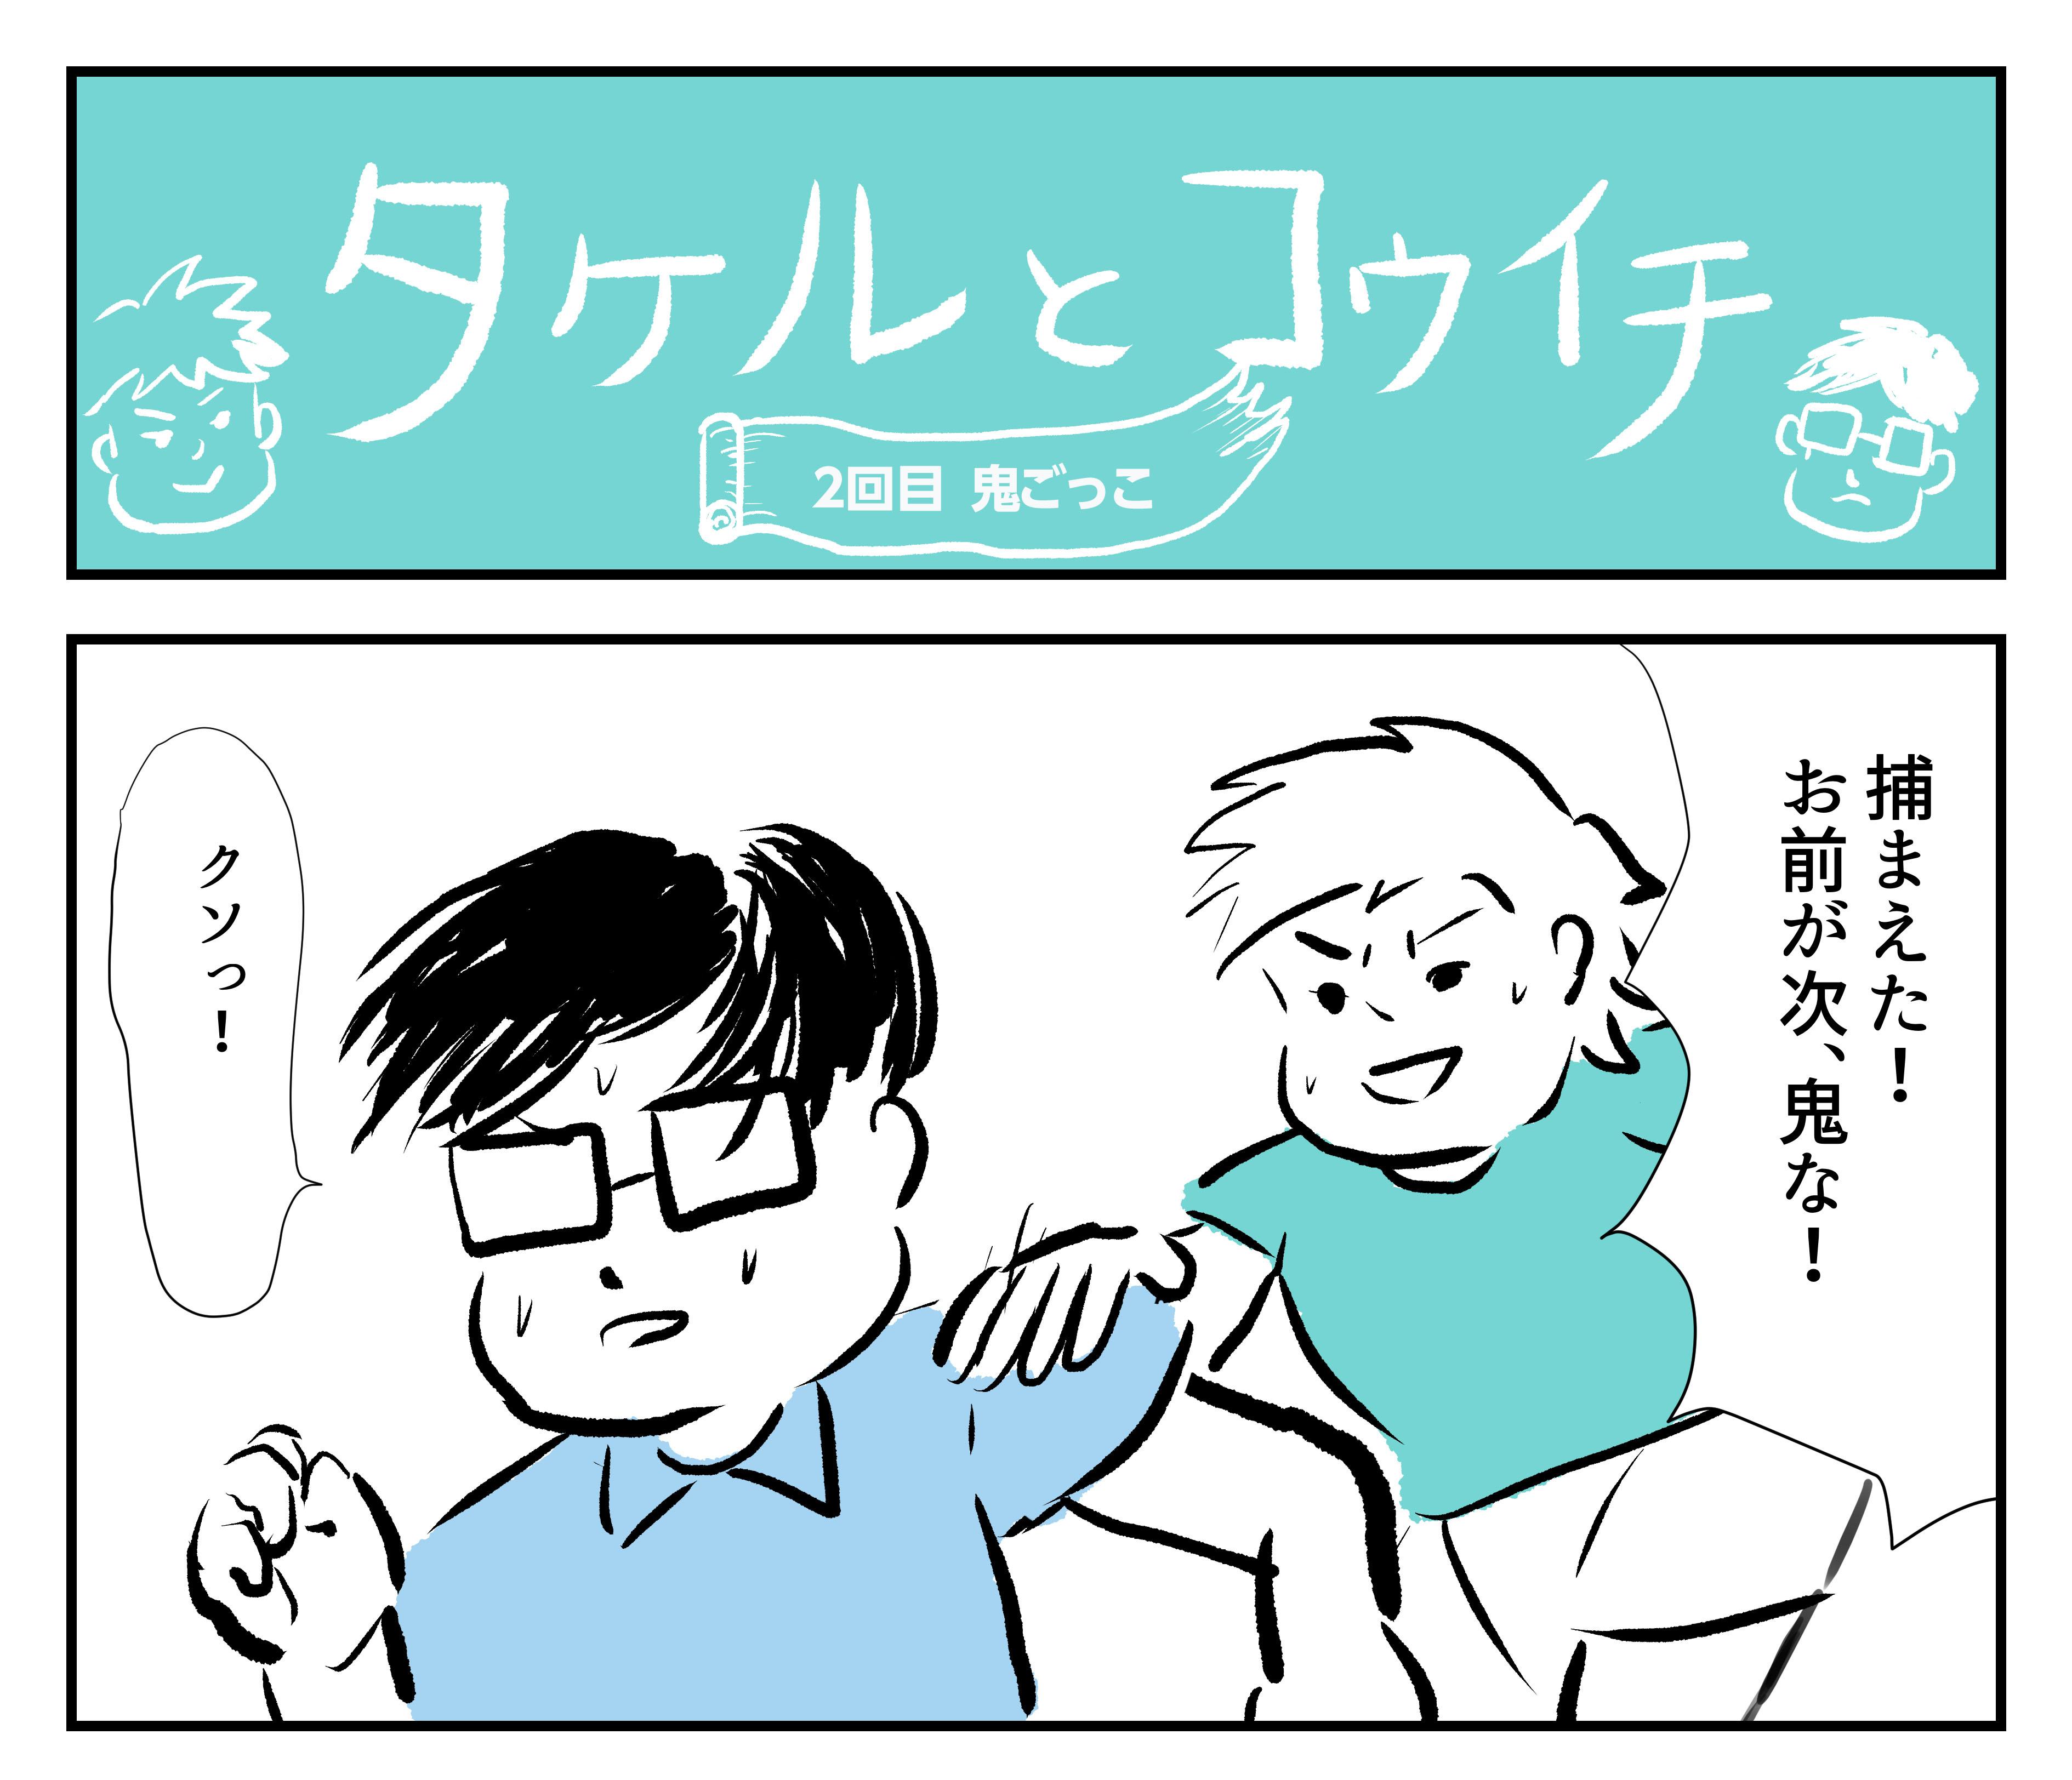 【2コマ】タケルとコウイチ 2回目「鬼ごっこ」